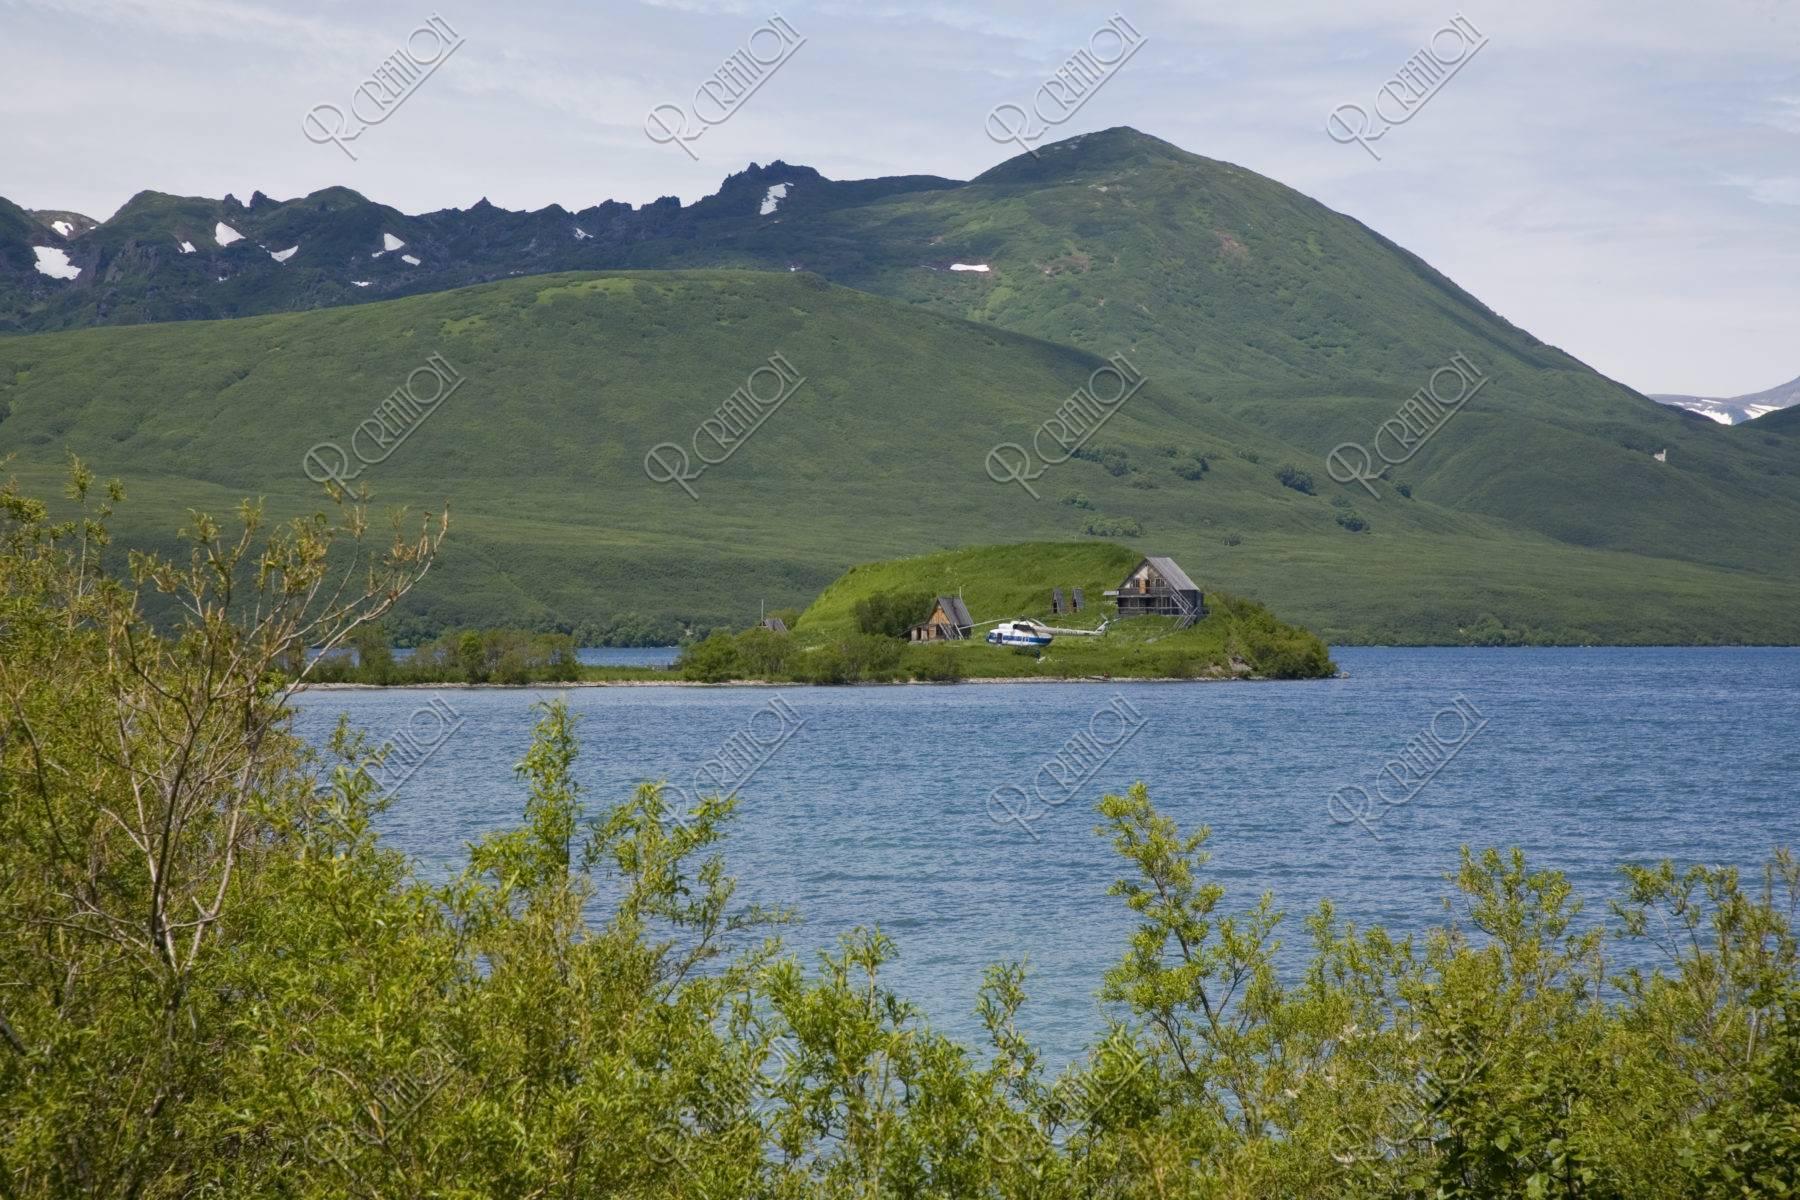 クリル湖とヘリポート